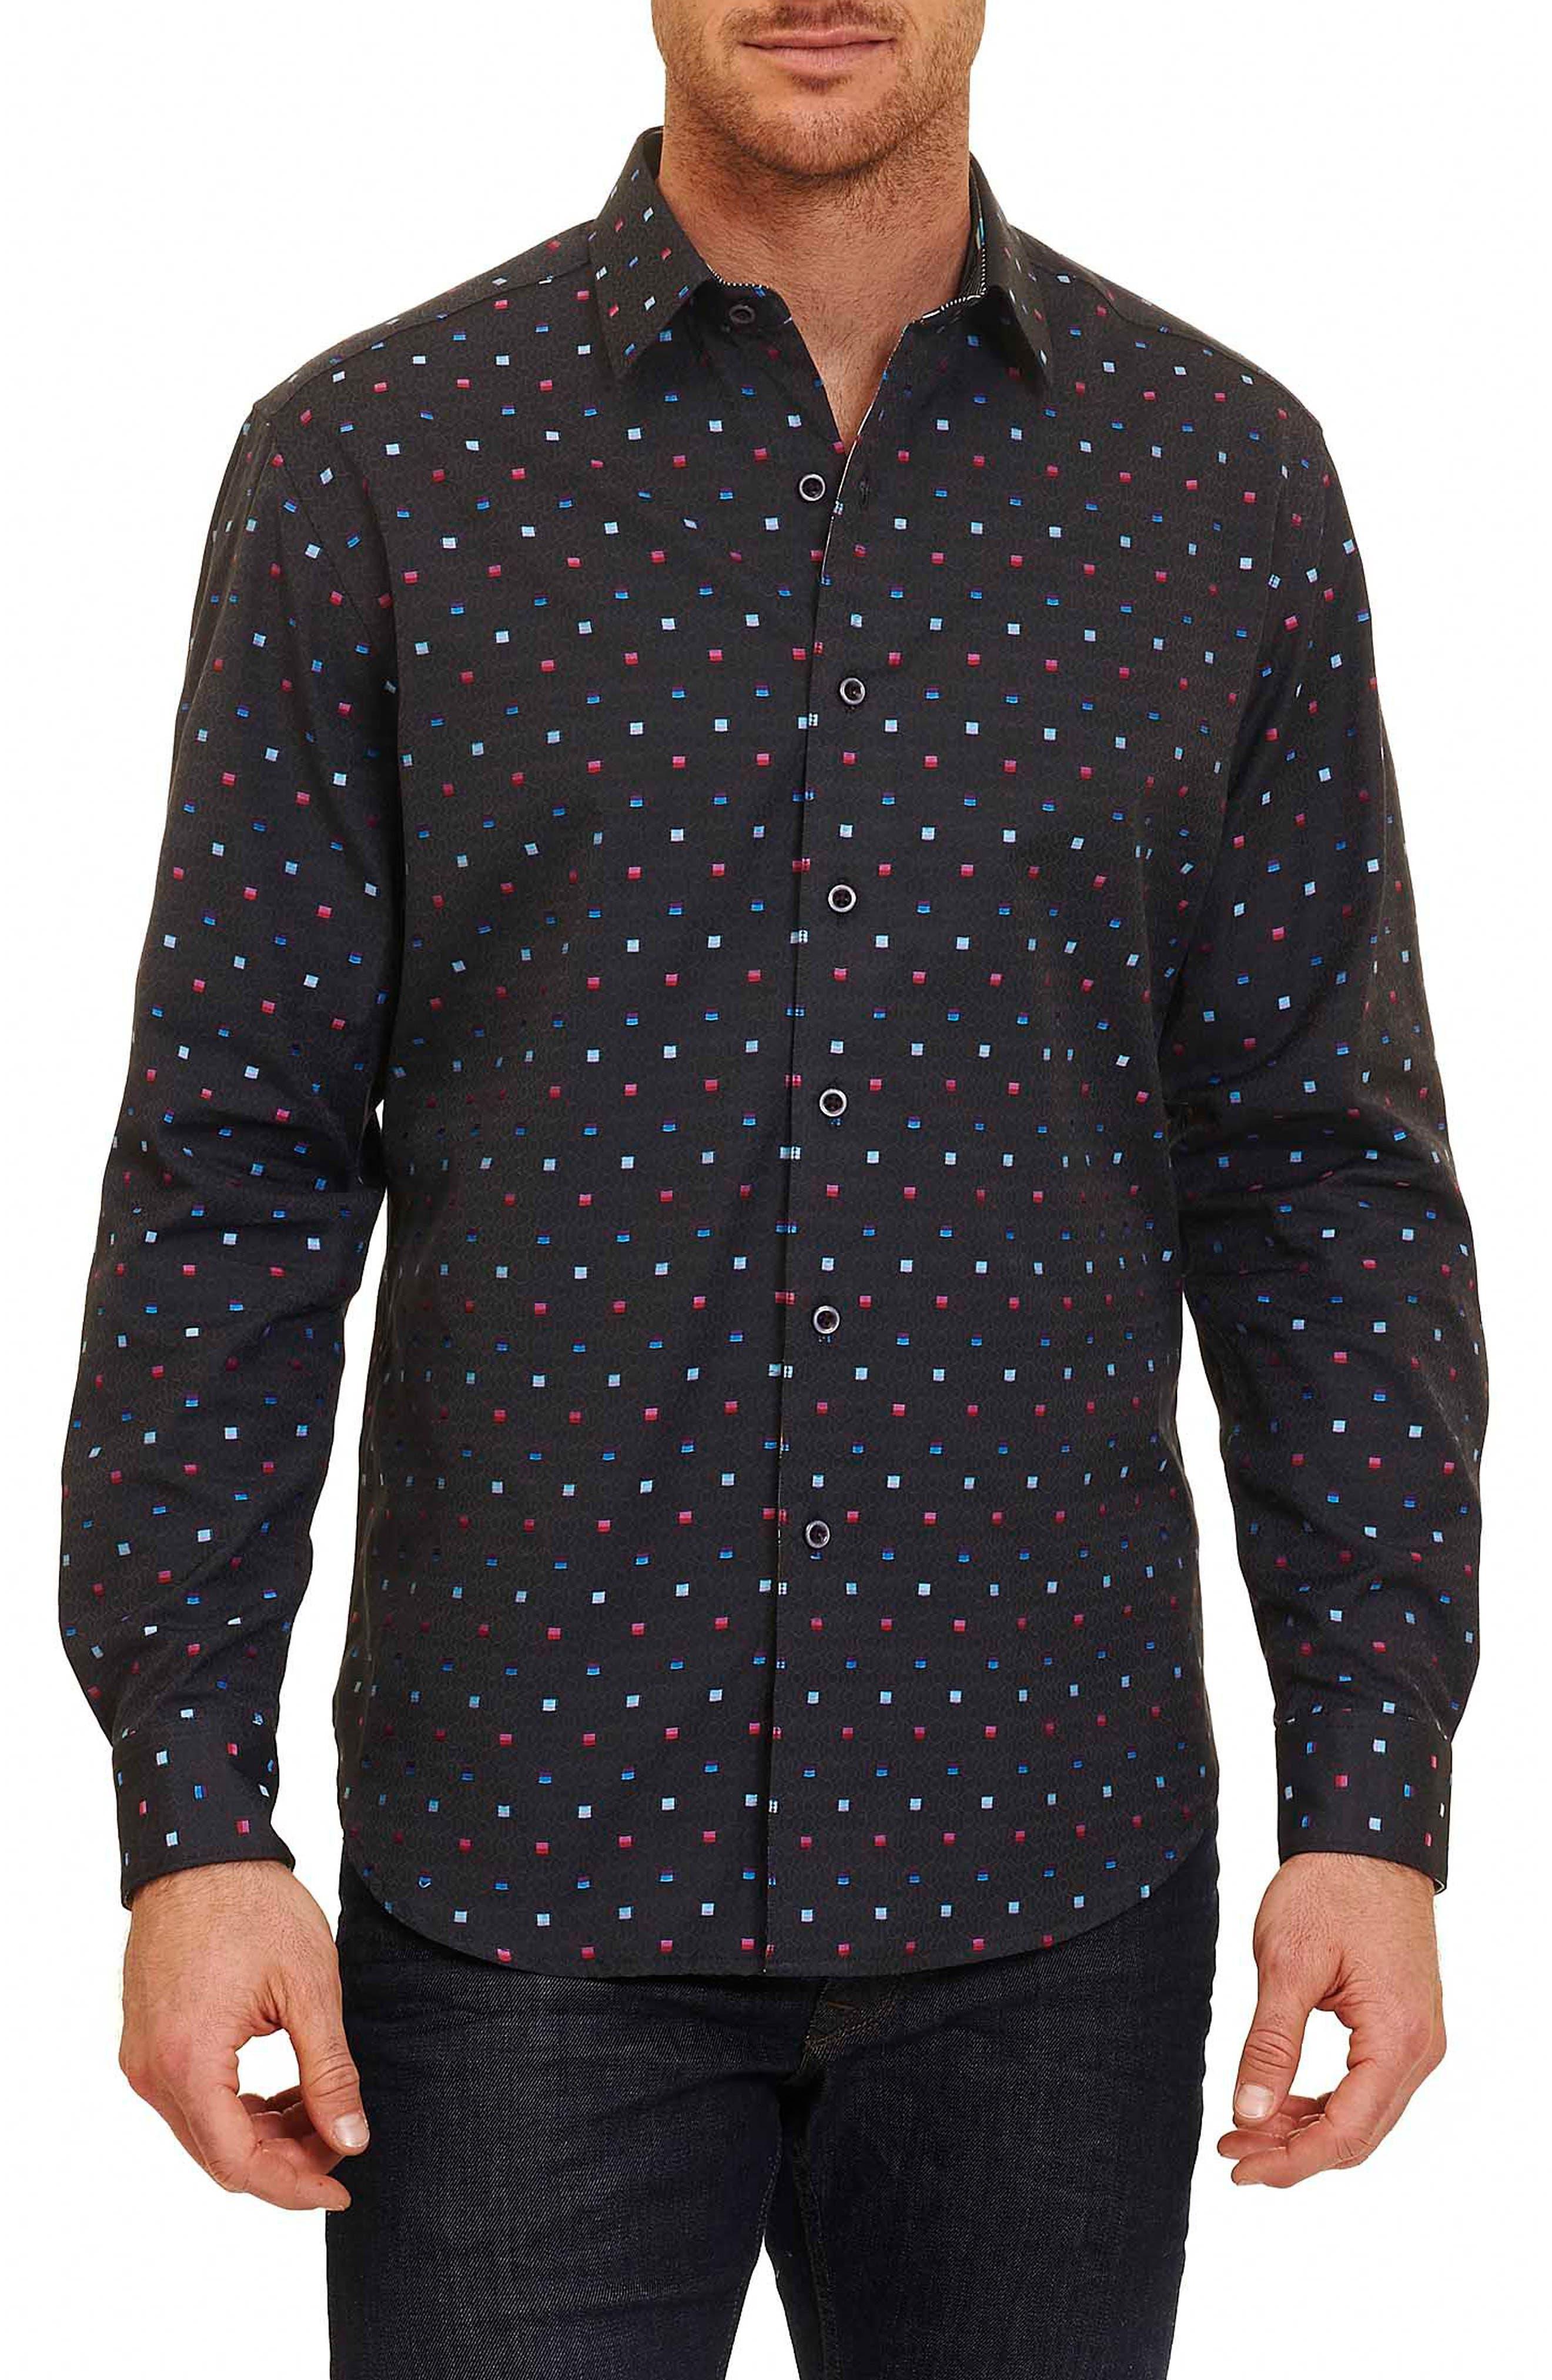 Orion Arm Classic Fit Sport Shirt,                             Alternate thumbnail 2, color,                             030